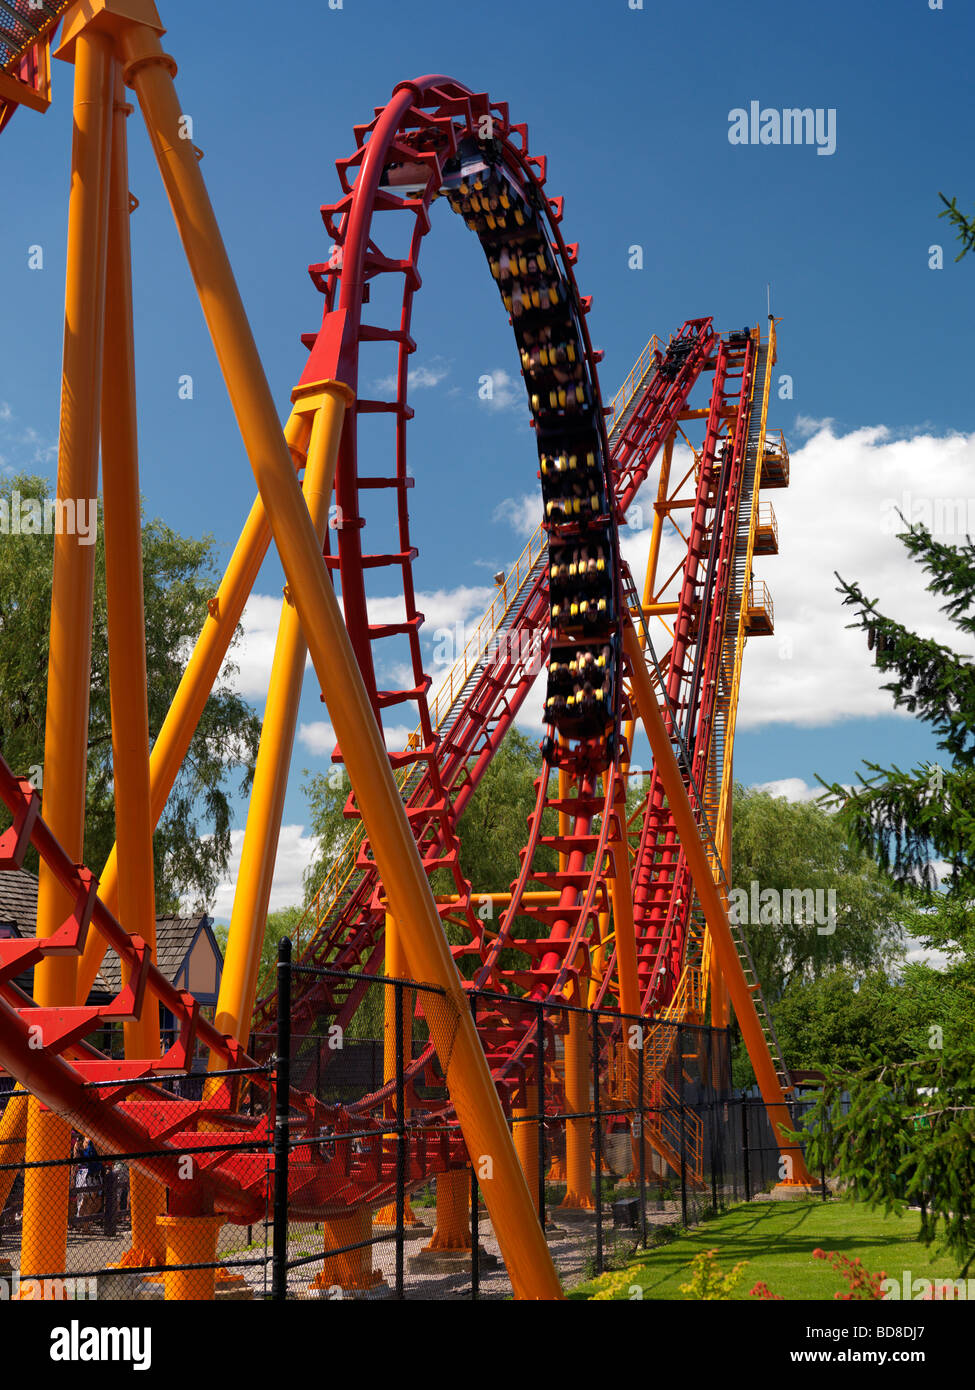 Canada Tourist Attractions Wonderland